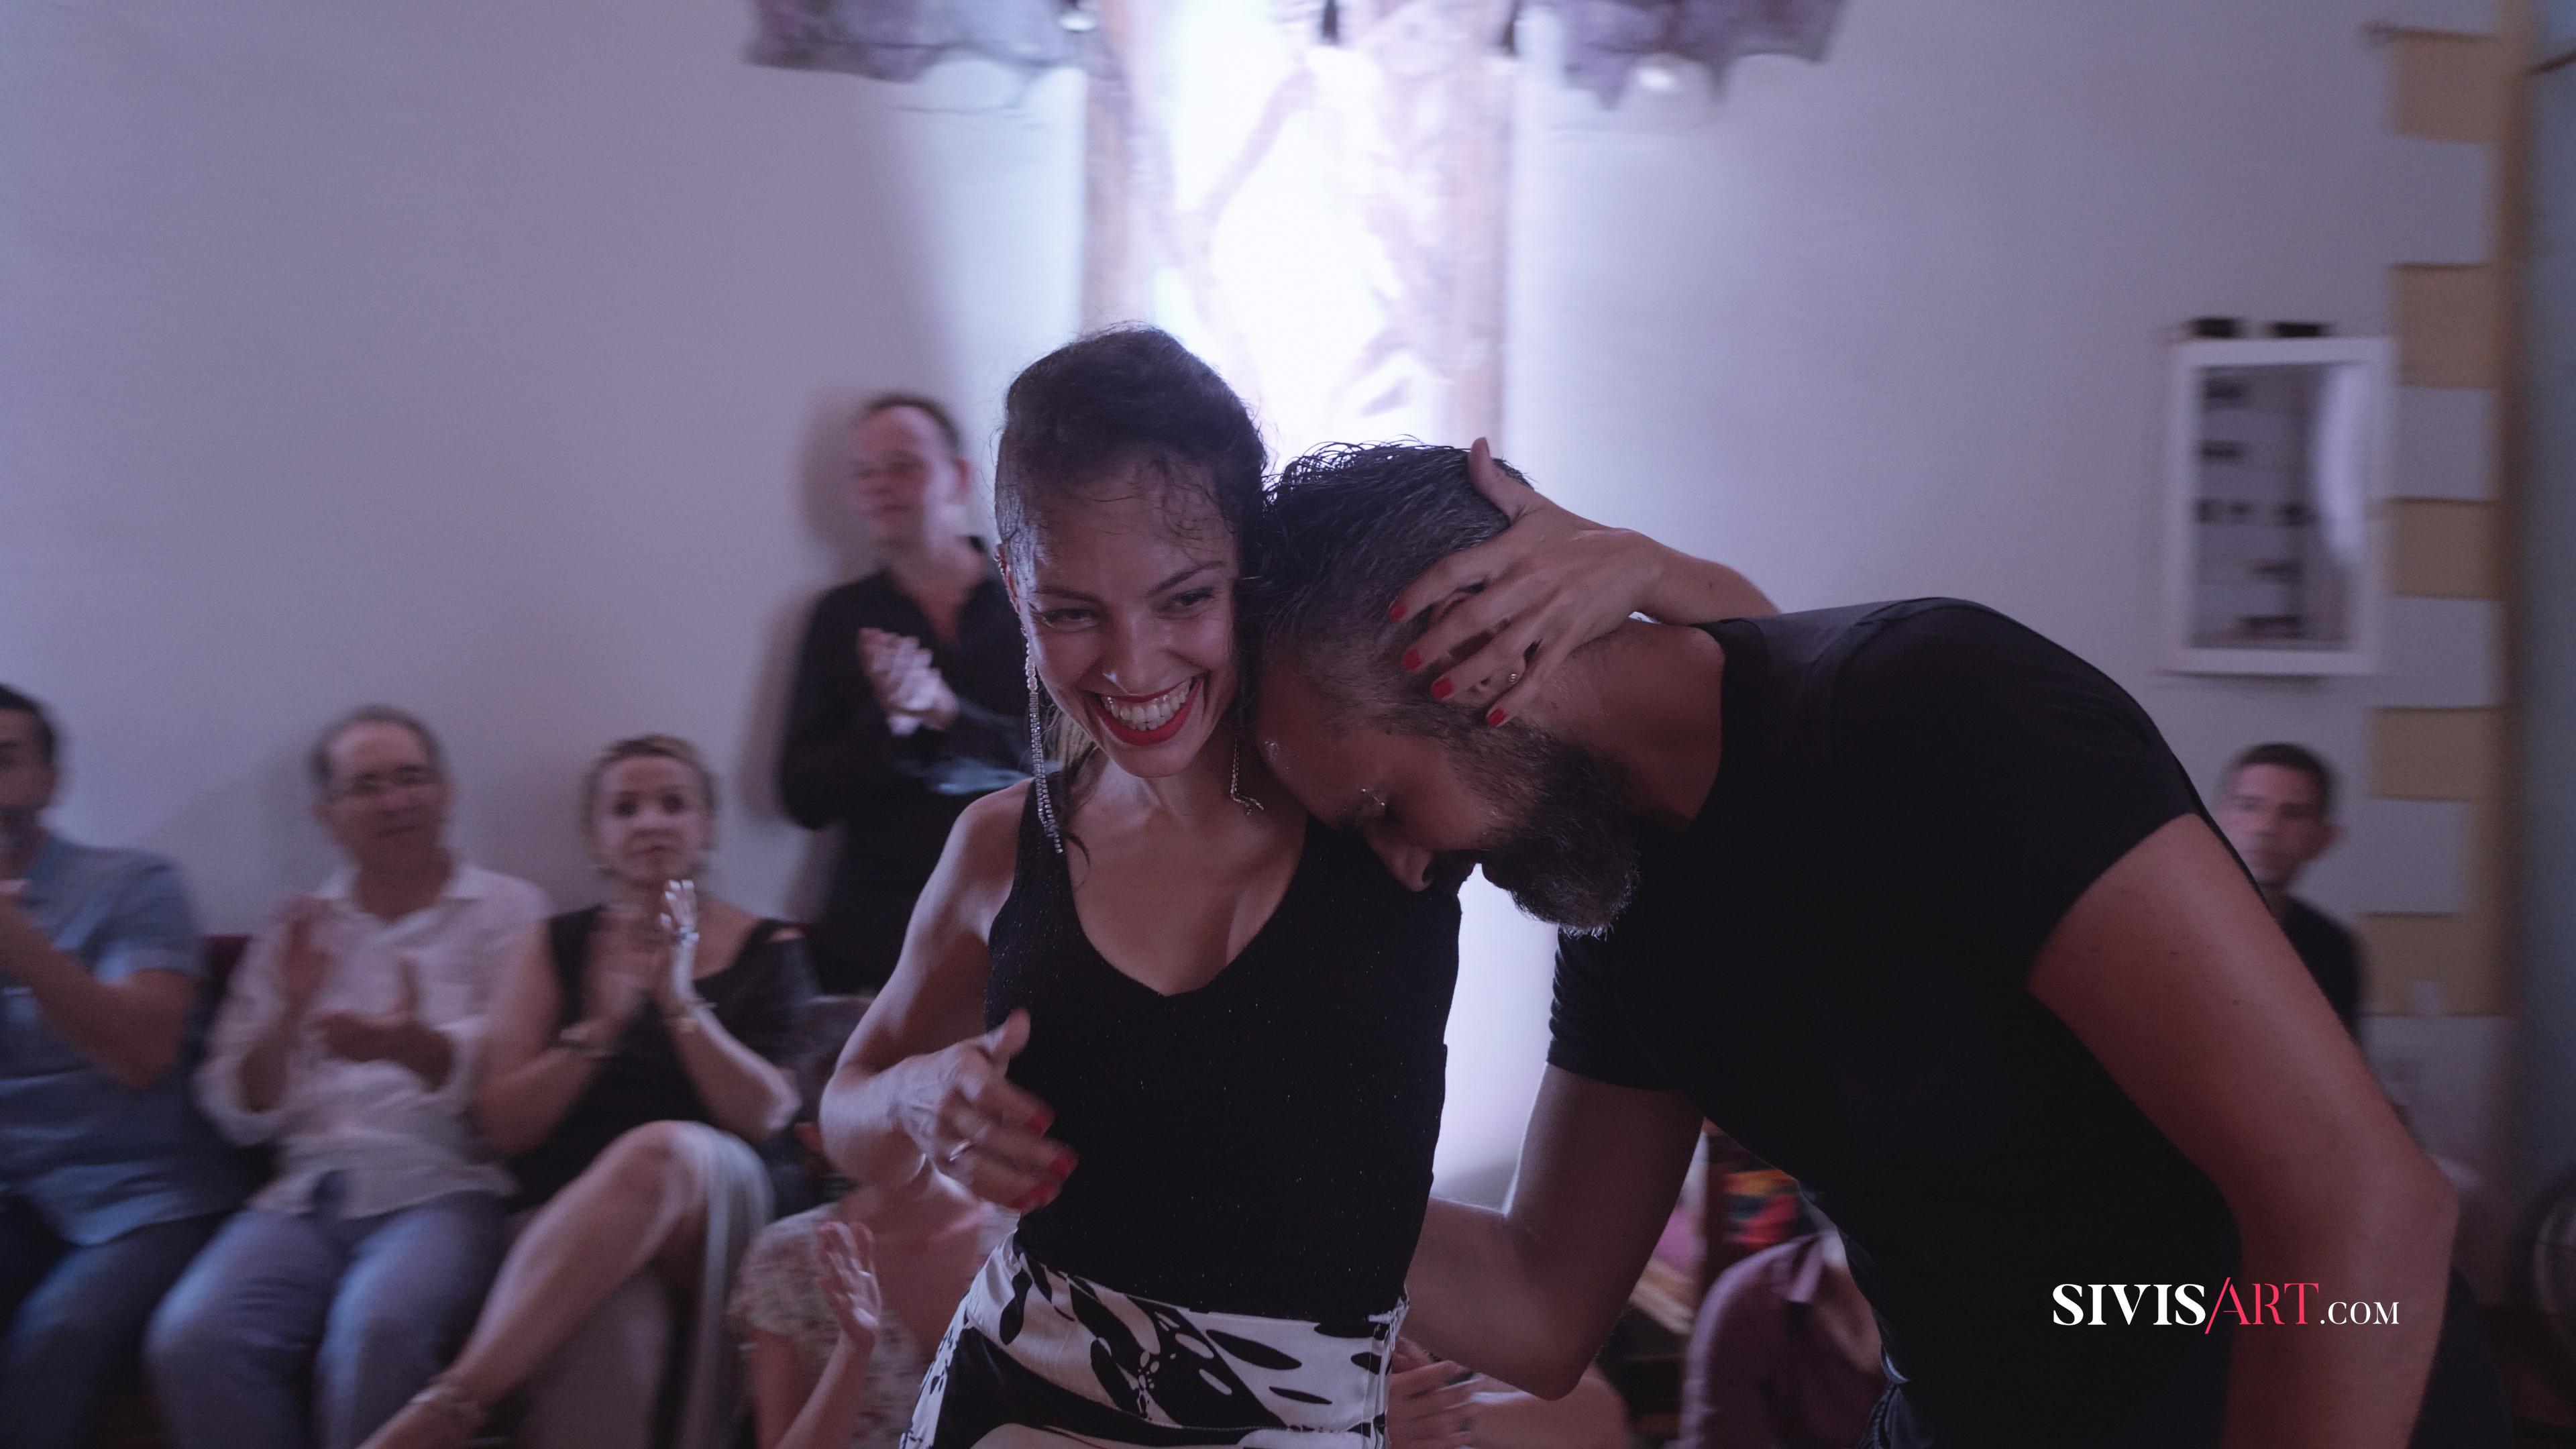 Sivis'art Videomaker presents Ioanna Papachristou & Theodore Georgedakis